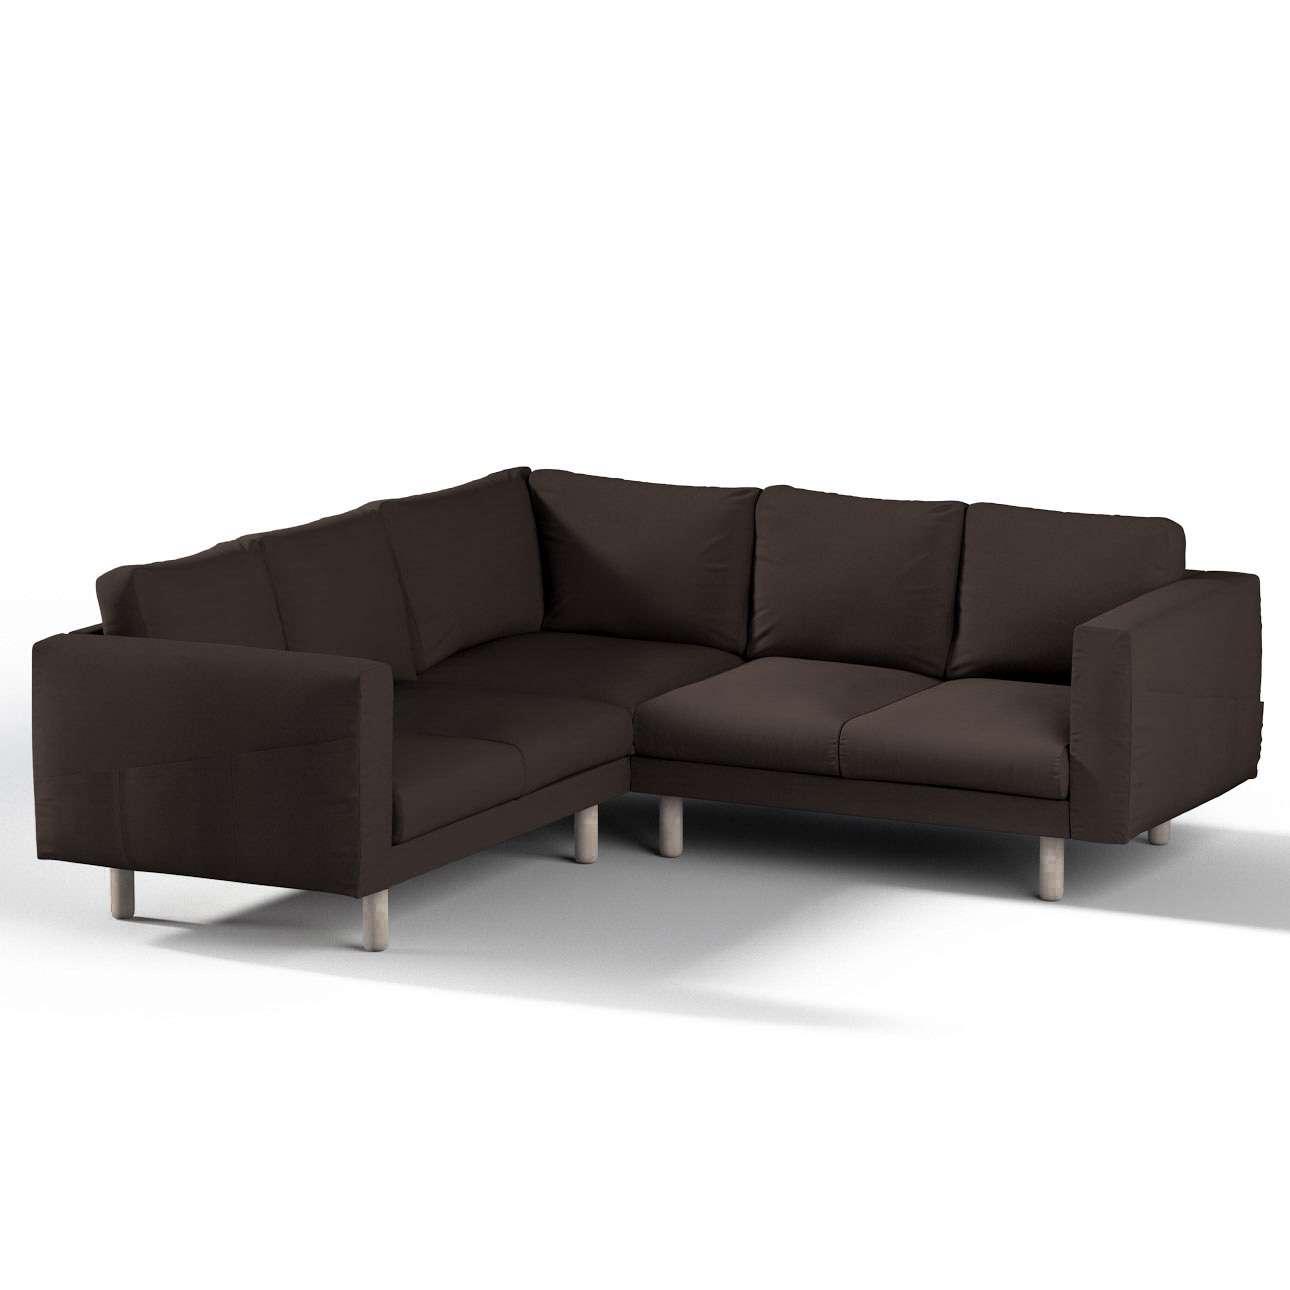 Pokrowiec na sofę narożną Norsborg 4-osobową w kolekcji Cotton Panama, tkanina: 702-03